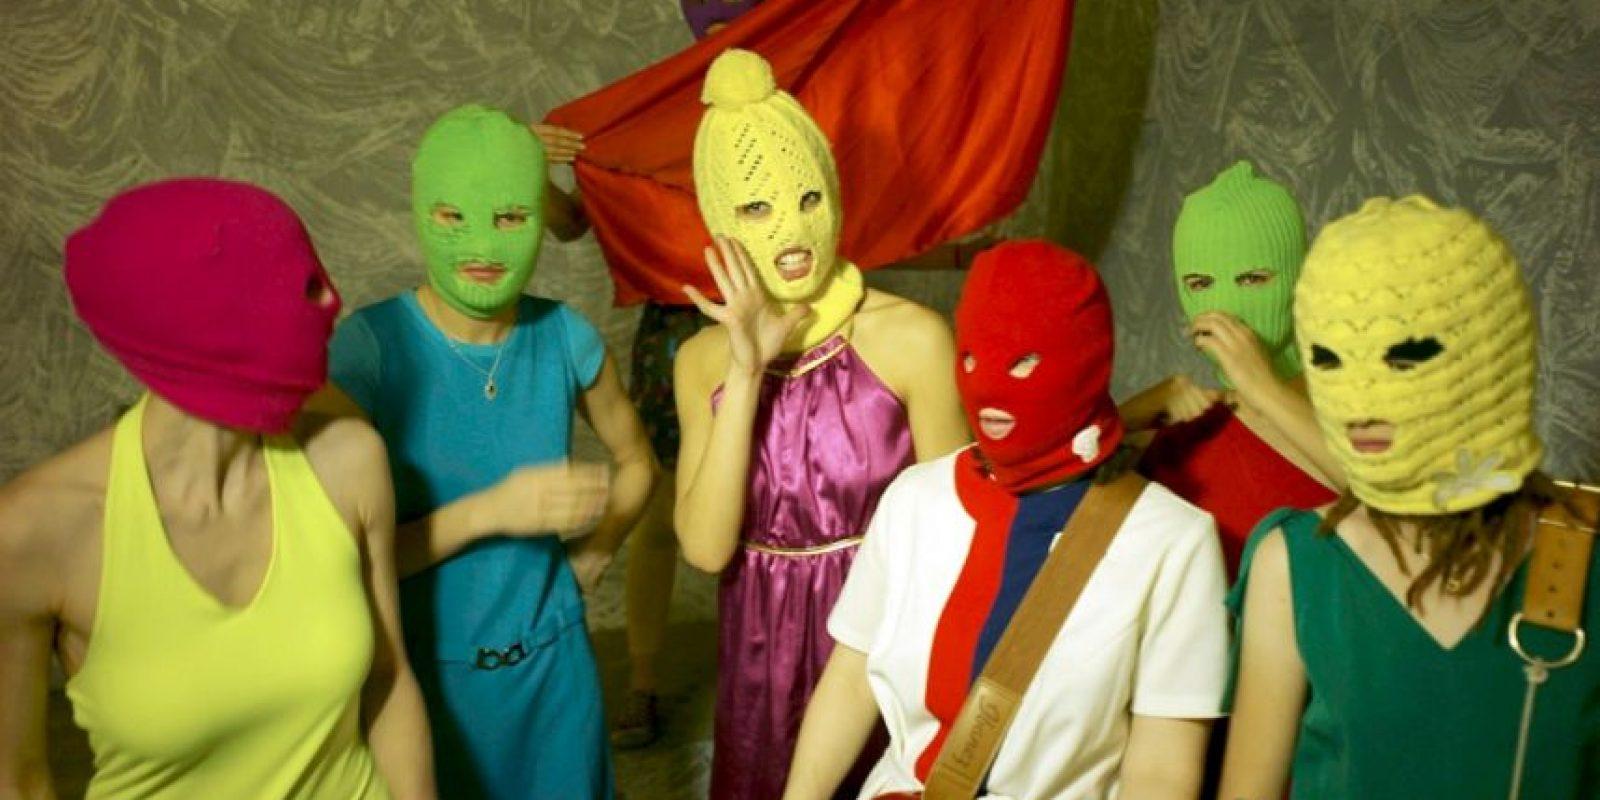 Pussy Riot: Este colectivo de punk feminista llamó la atención del mundo al tres de sus militantes ser arrestadas por cantar en una catedral contra el gobierno de Putin Foto:Wikipedia